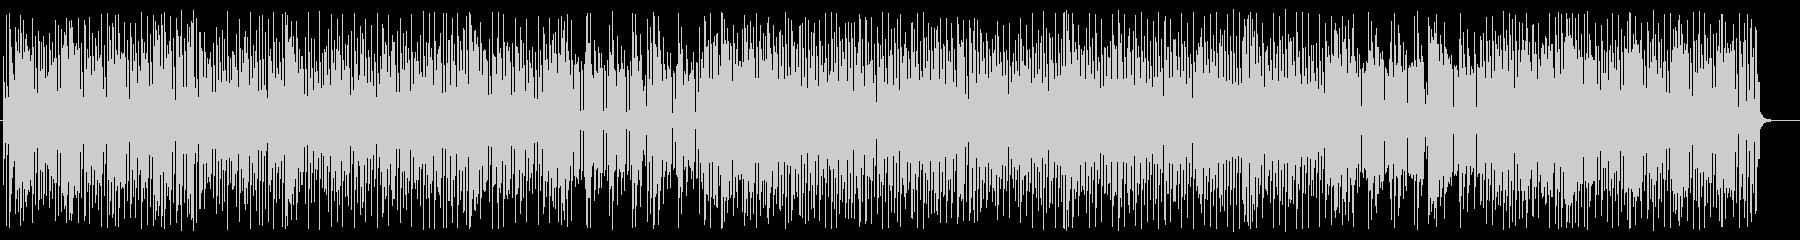 楽しげなシンセサイザードラムポップの未再生の波形